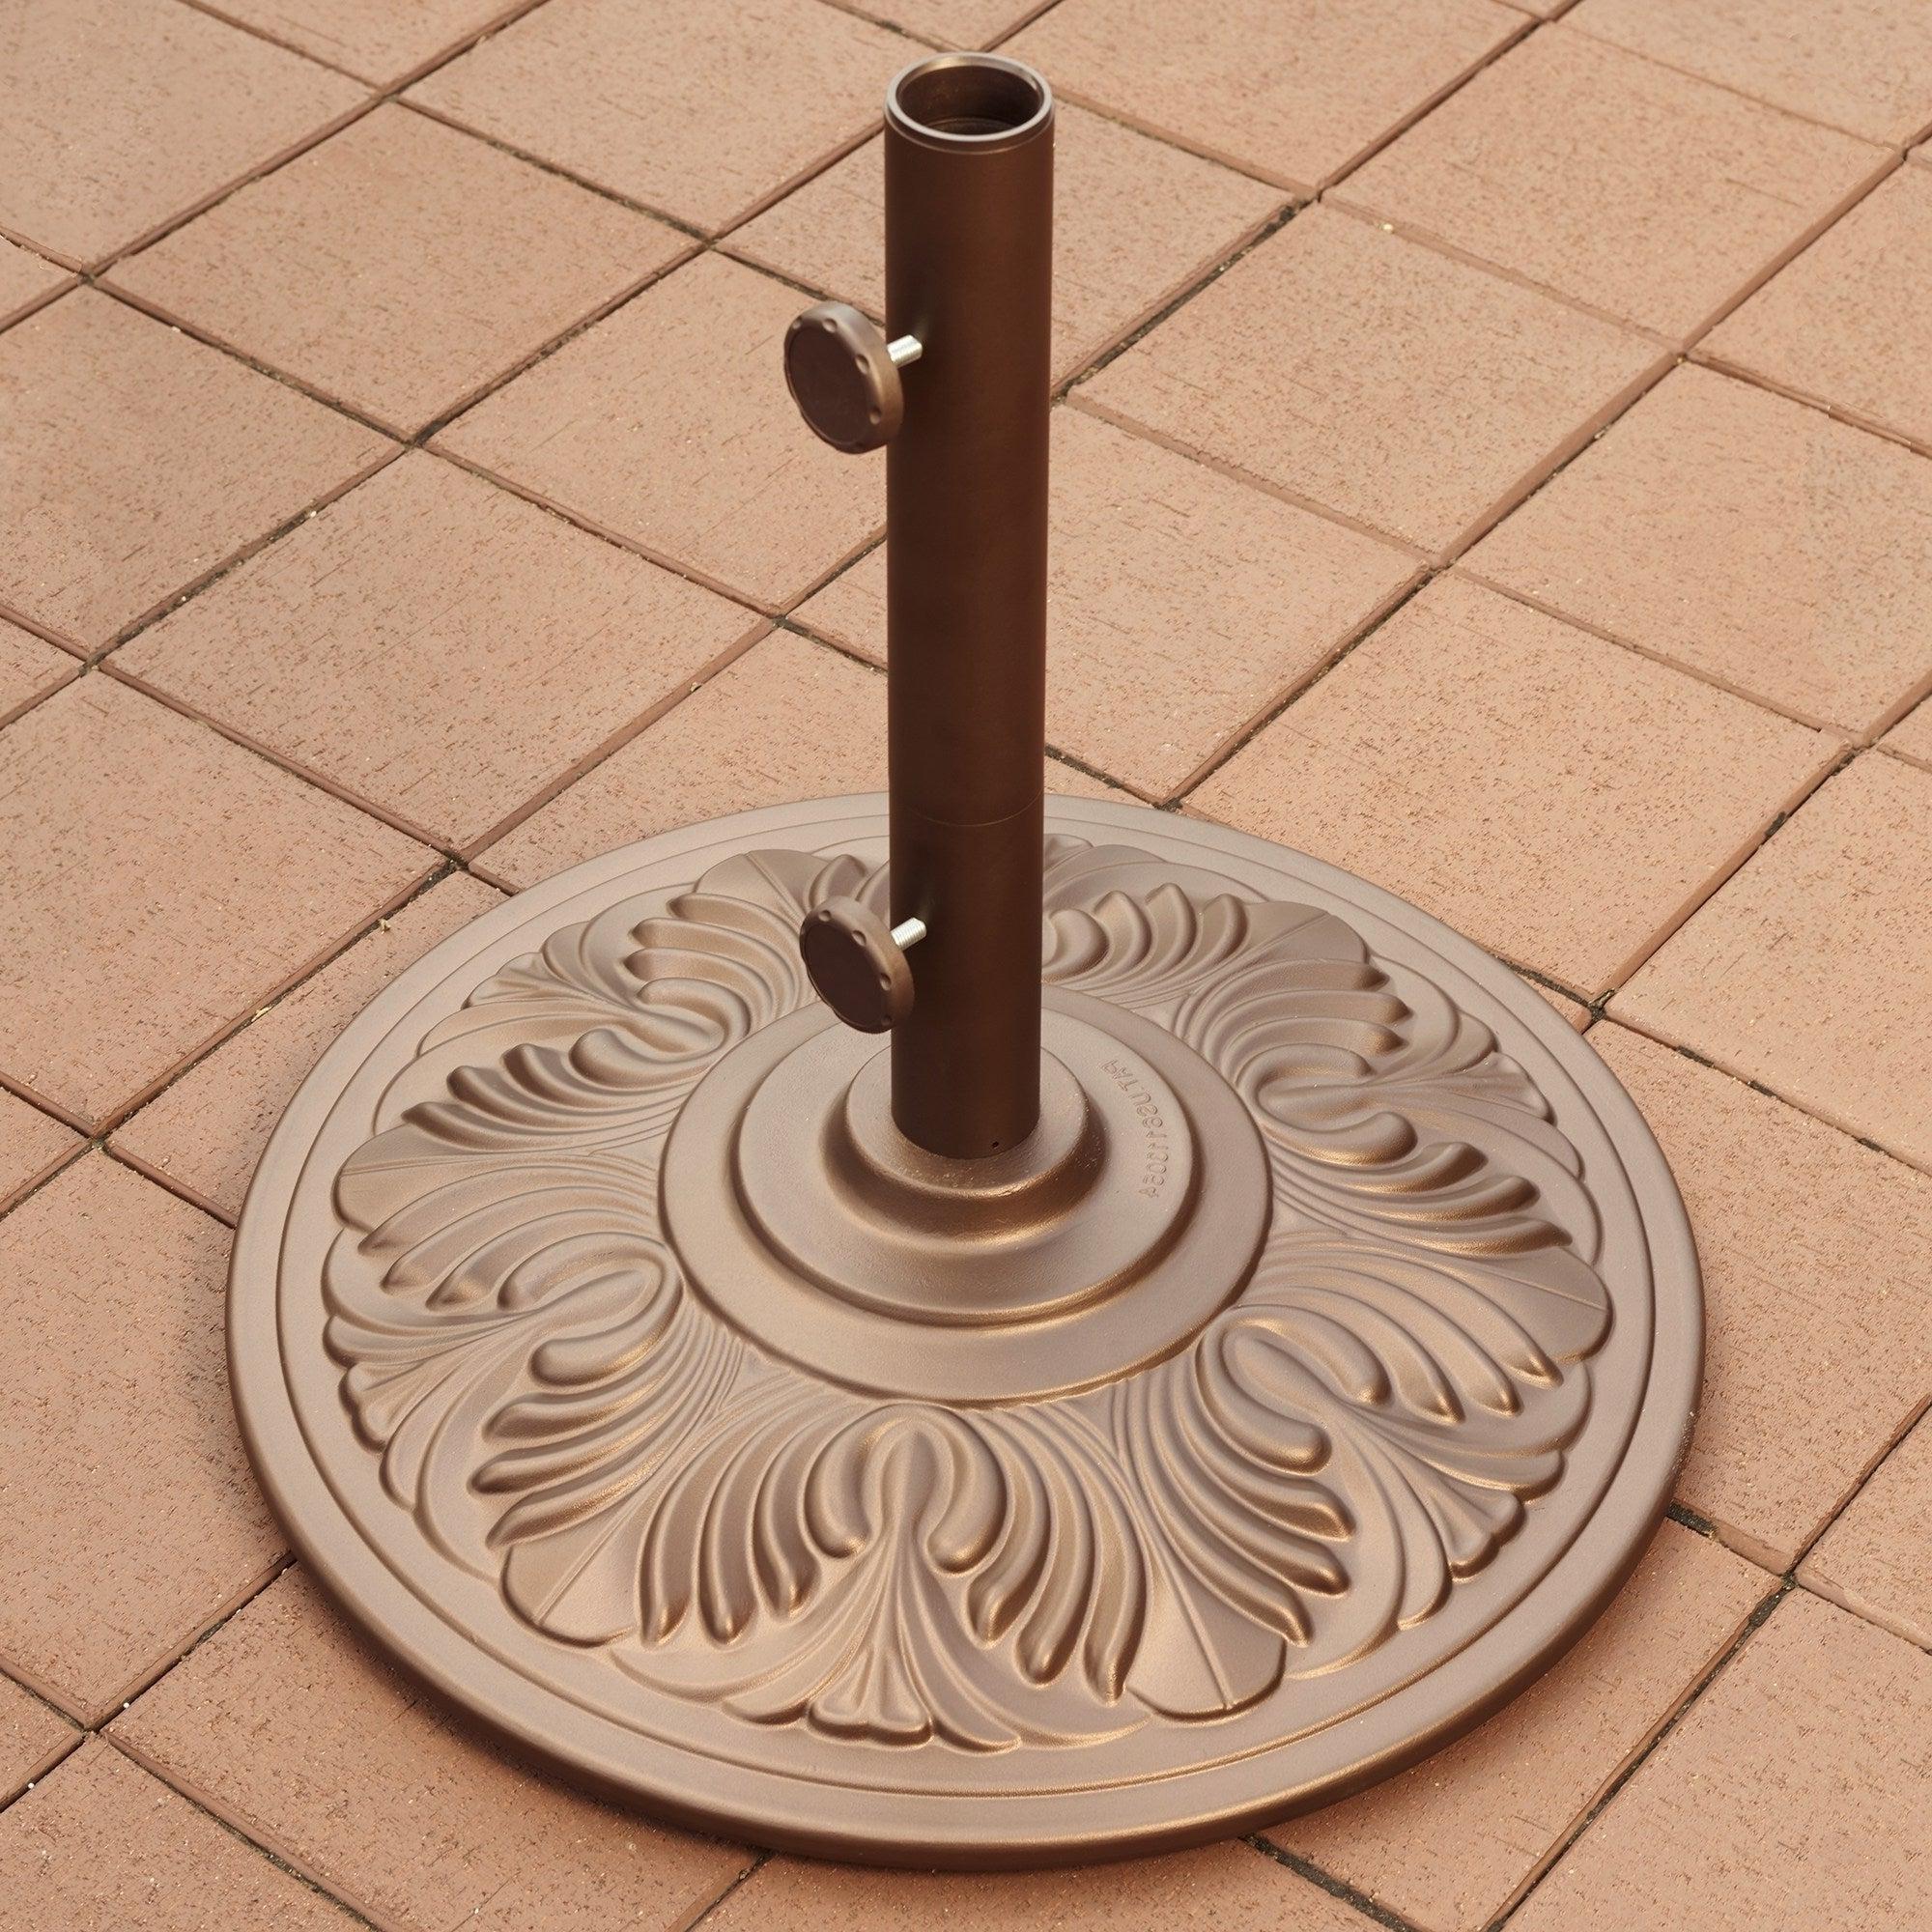 2020 Lora Market Umbrellas Pertaining To 50 Lb. Art Deco Aluminum Umbrella Base In Bronze (Gallery 12 of 20)